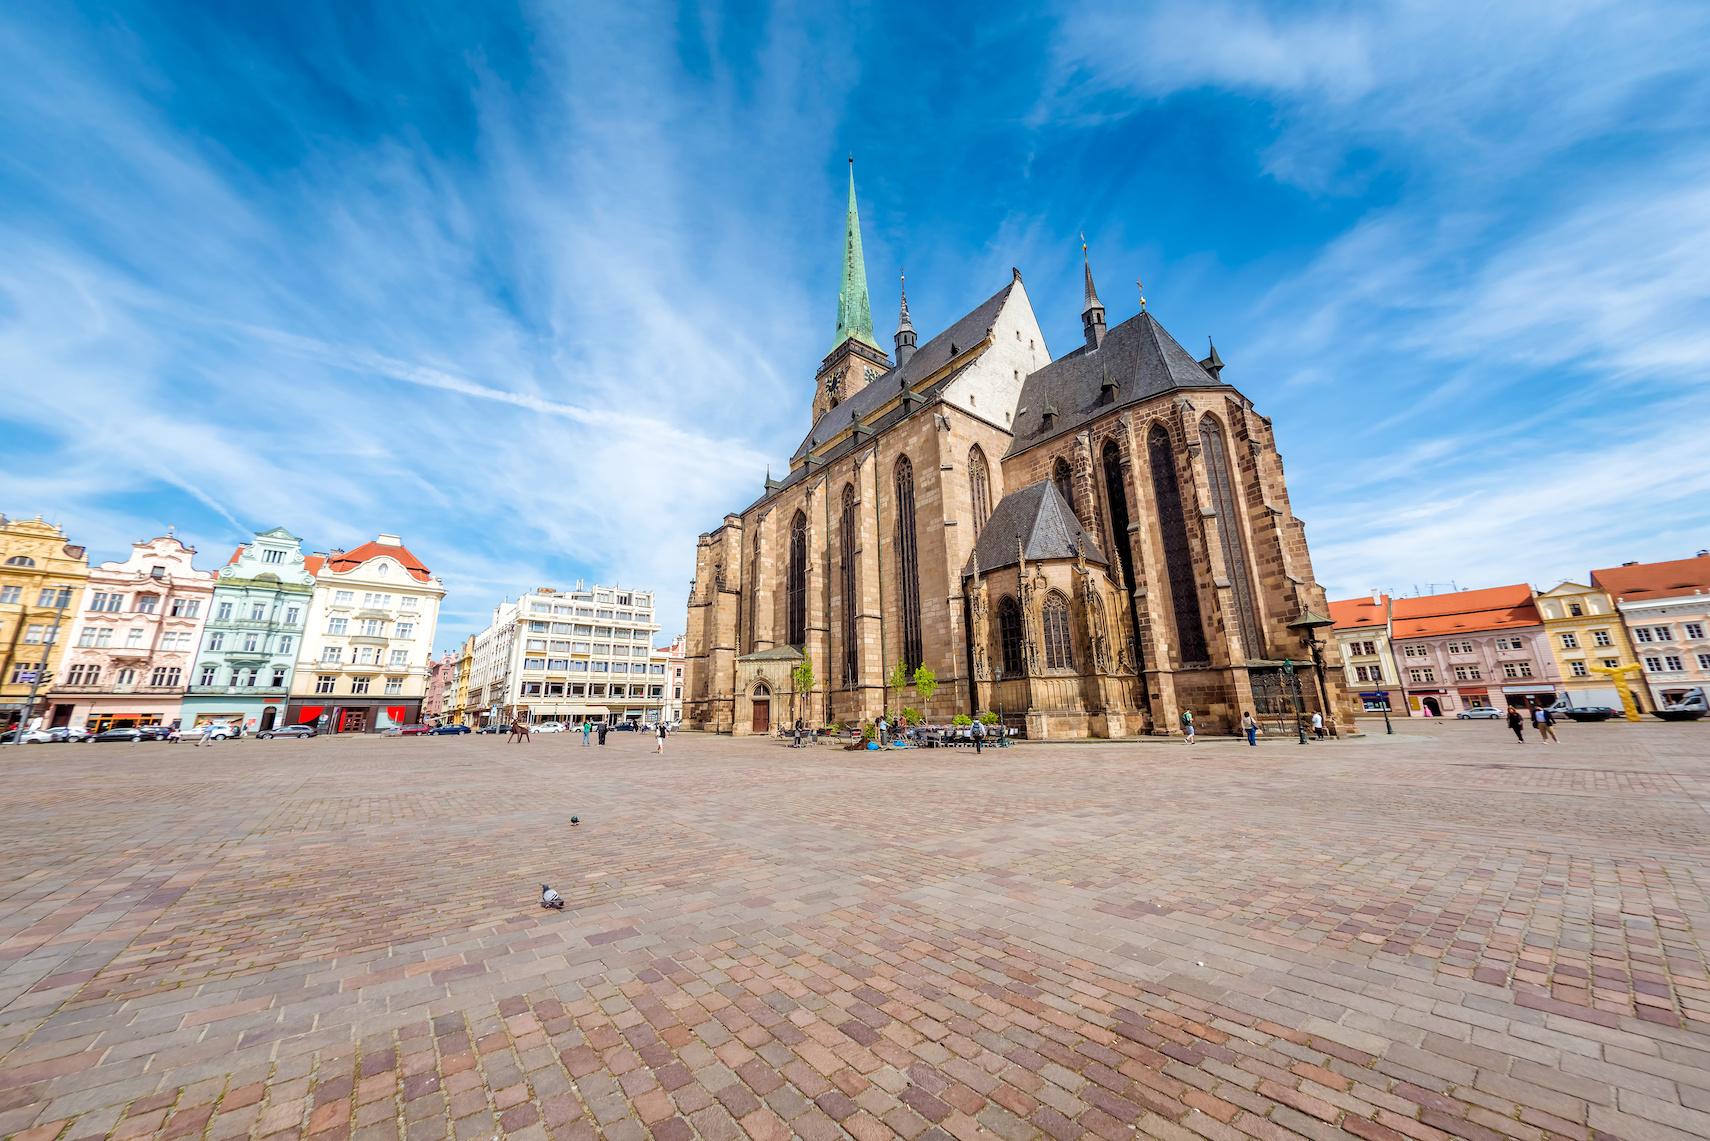 katedrala_namestie_plzen